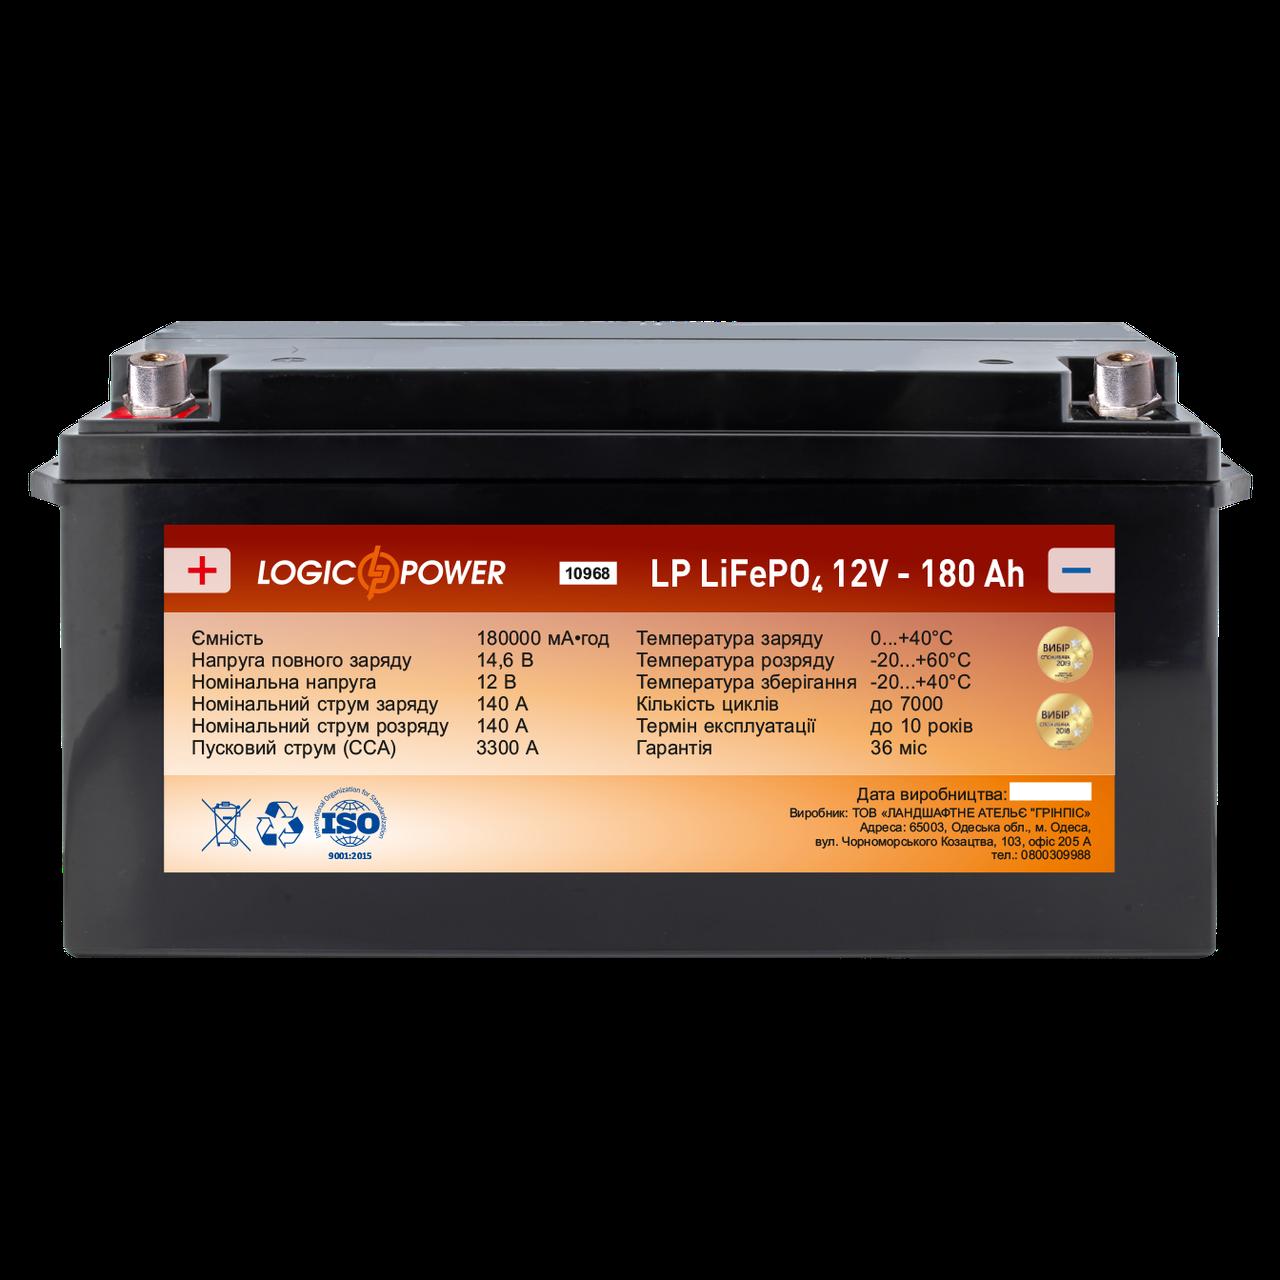 Аккумулятор для автомобиля литиевый LP LiFePO4 12V - 180 Ah (+ слева, прямая полярность) пластик